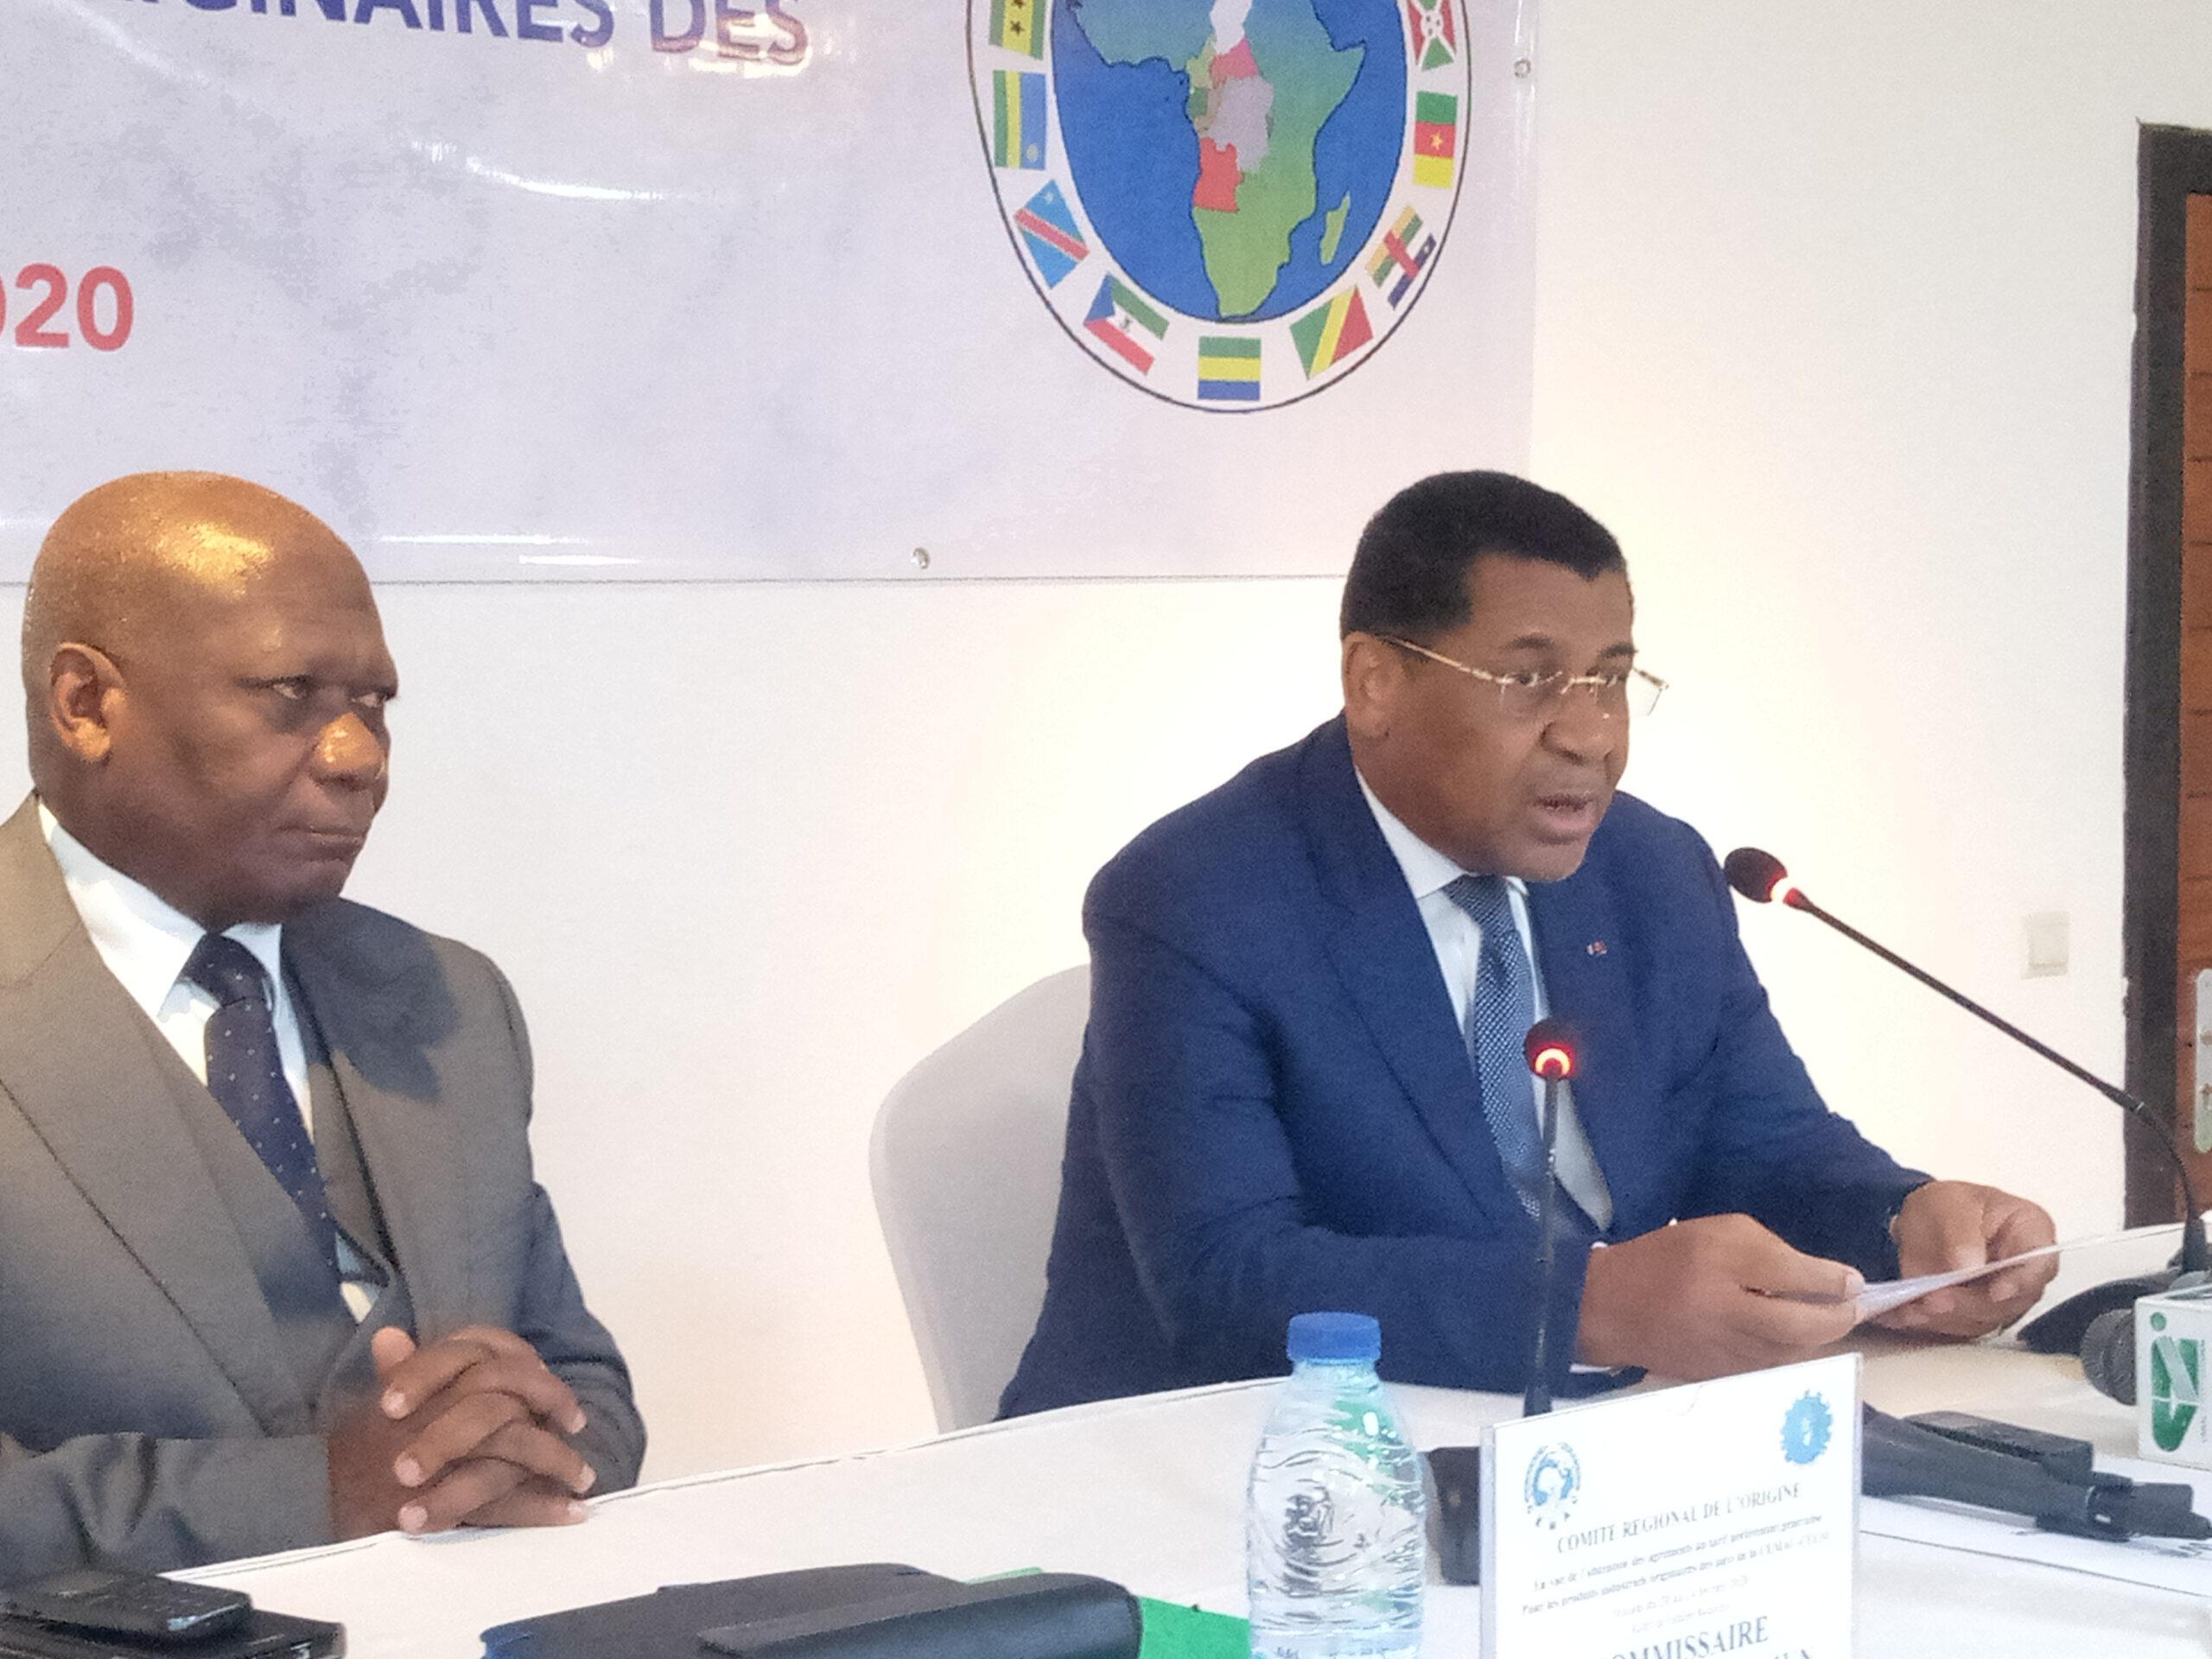 304 produits de 25 entreprises du Cameroun, de la Centrafrique, du Congo, du Gabon et de la Guinée Equatoriale, ont eu leur ticket d'accès à la libre circulation dans la sous-région Afrique centrale (Cemac) le 24 février.